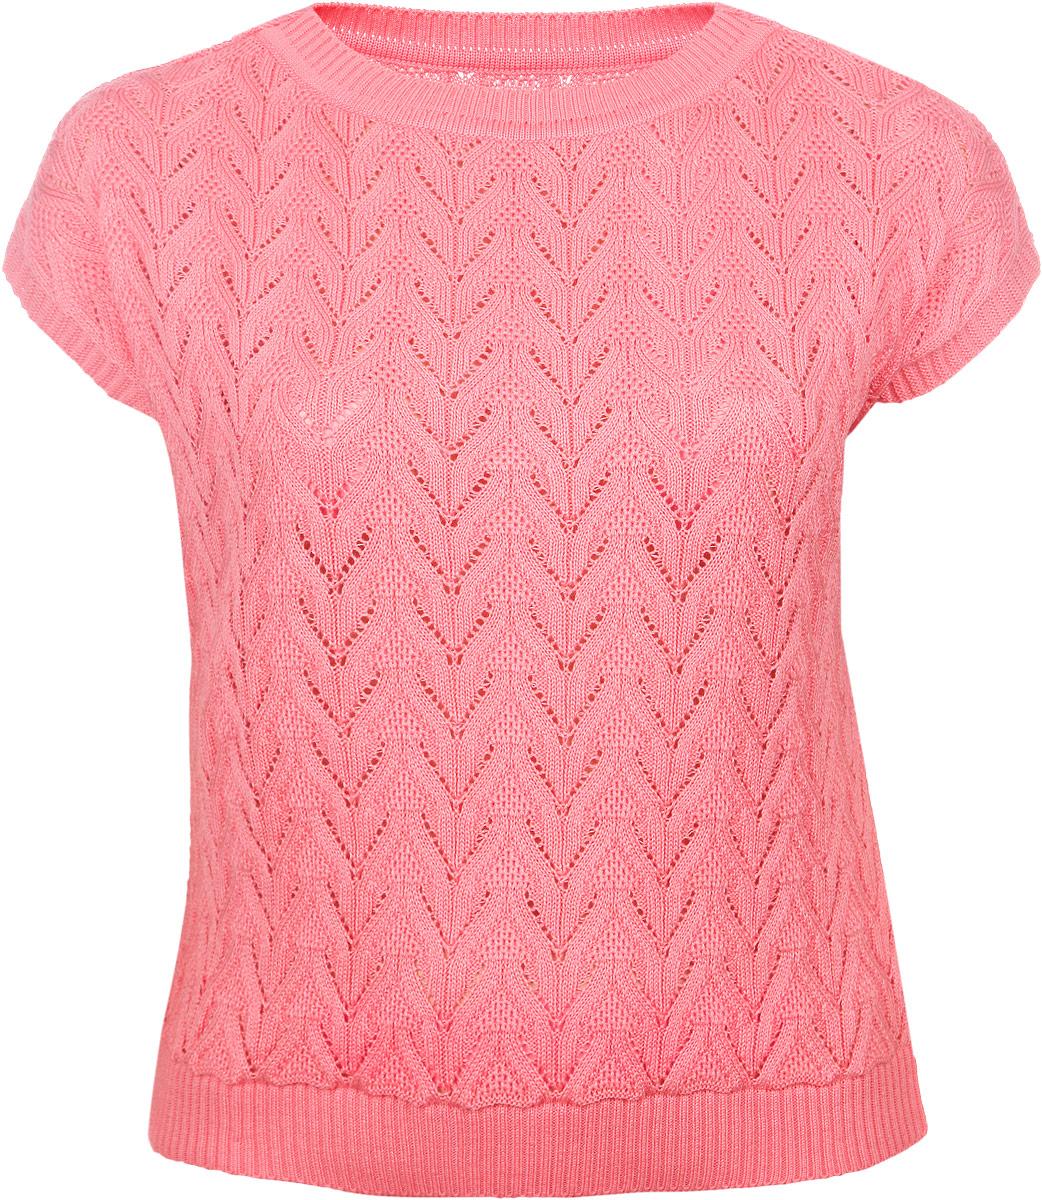 Джемпер женский Milana Style, цвет: кораллово-розовый. 1112. Размер 7XL (62)1112Женский джемпер Milana Style, изготовленный из ПАН-волокна с добавлением шерсти, подчеркнет ваш уникальный стиль. Материал очень мягкий, имеет приятную на ощупь текстуру, не сковывает движения и хорошо вентилируется. Джемпер с круглым вырезом горловины и короткими рукавами оформлен вязаным ажурным рисунком. Вырез горловины, края рукавов и низ изделия связаны резинкой. Такой джемпер будет дарить вам комфорт в течение всего дня и станет замечательным дополнением к вашему гардеробу.